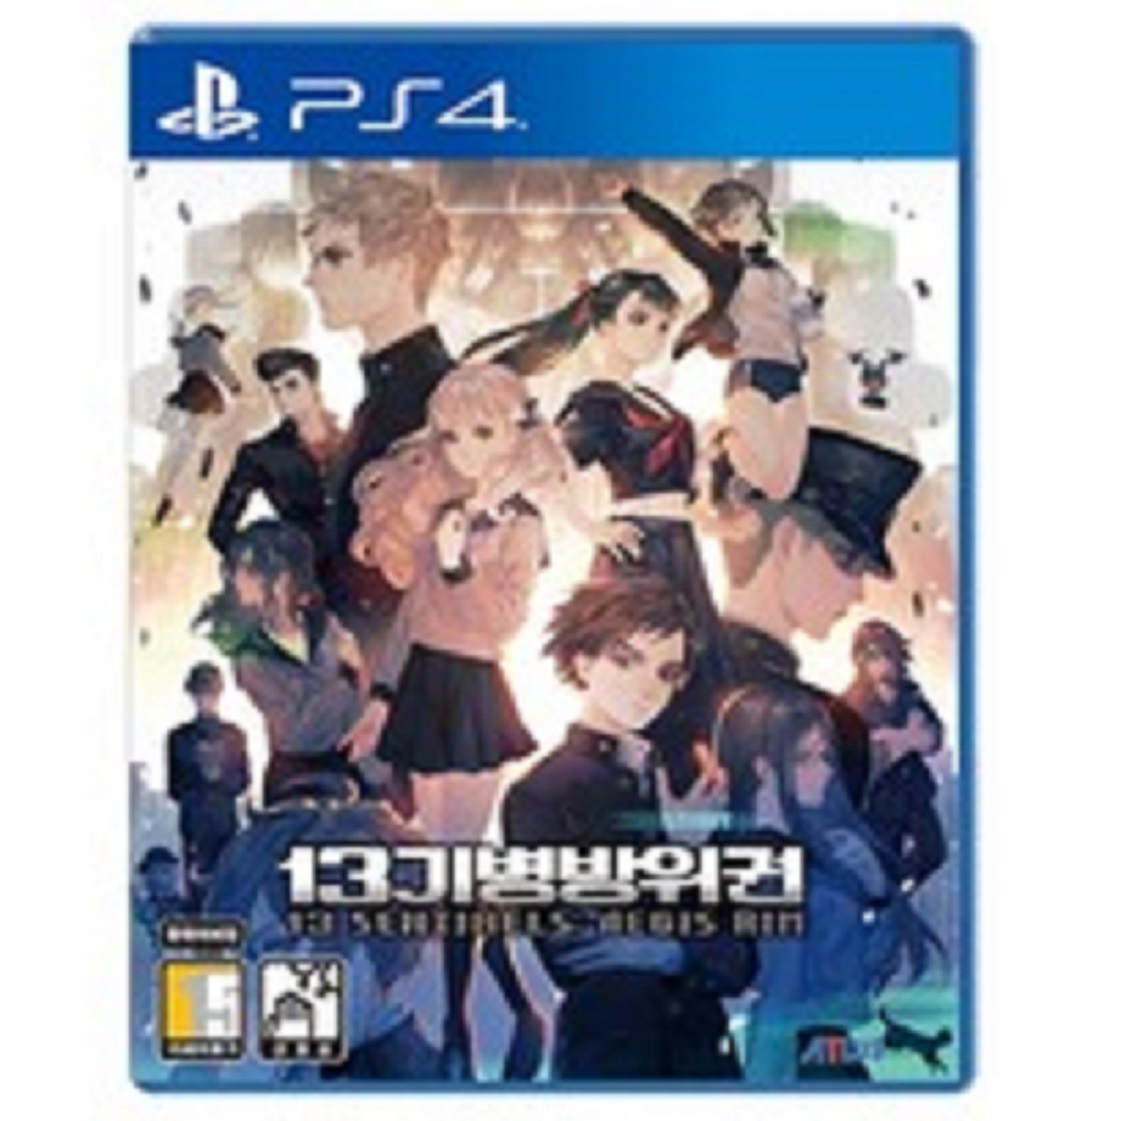 PS4 13기병방위권 한글판 중고